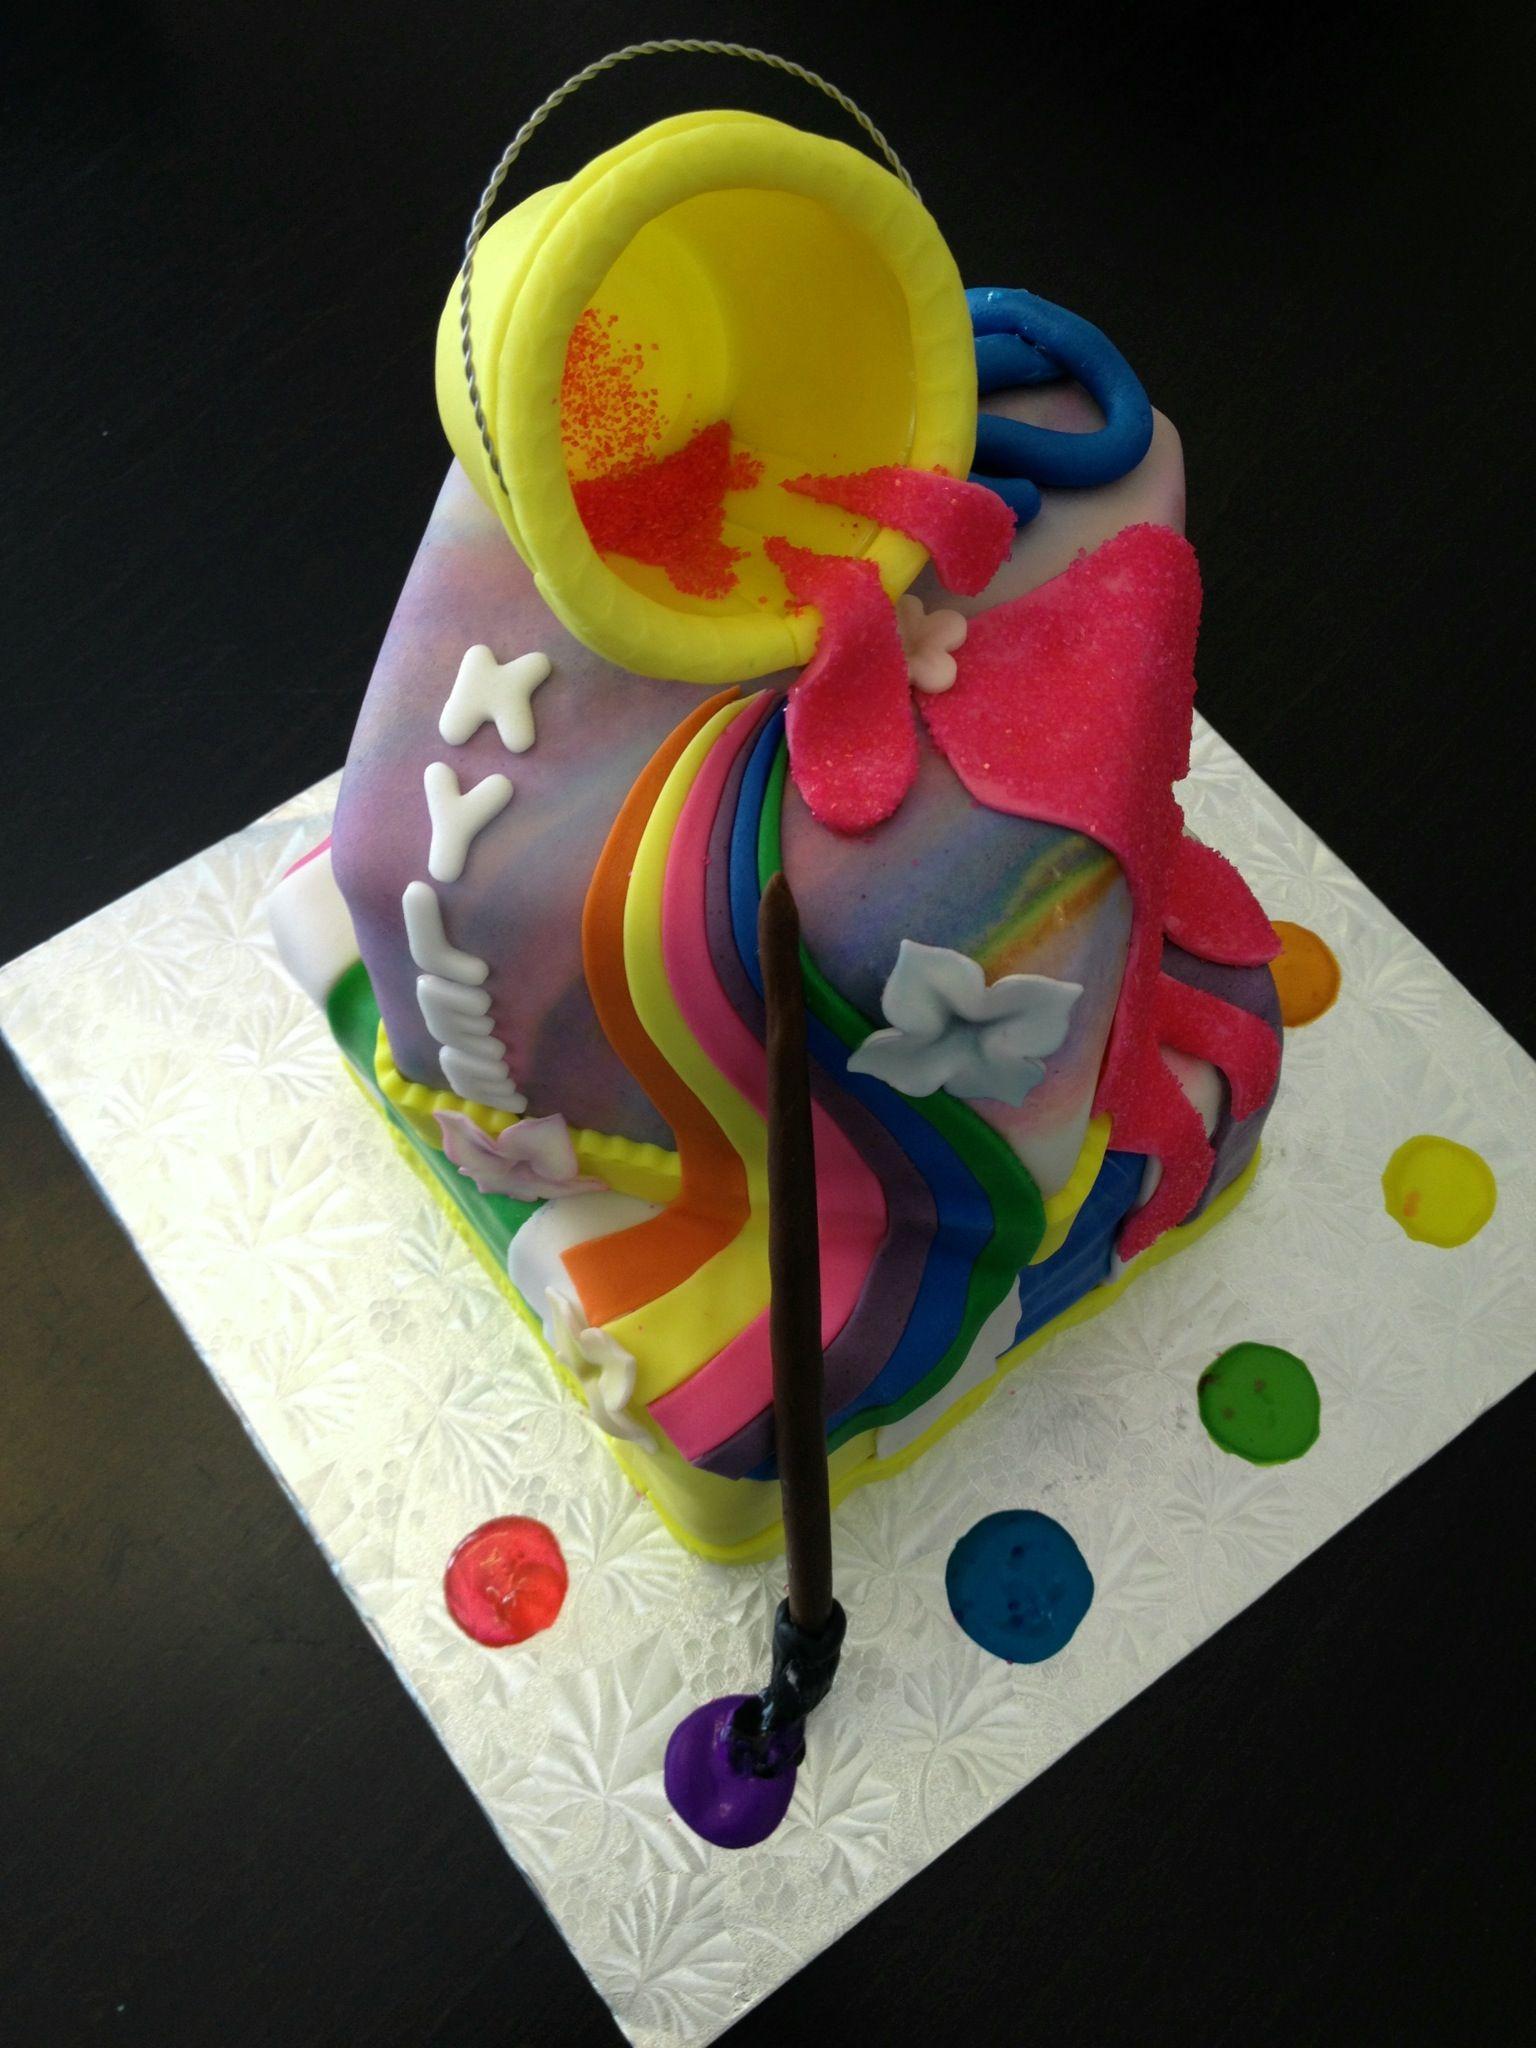 Drawing Theme Cake